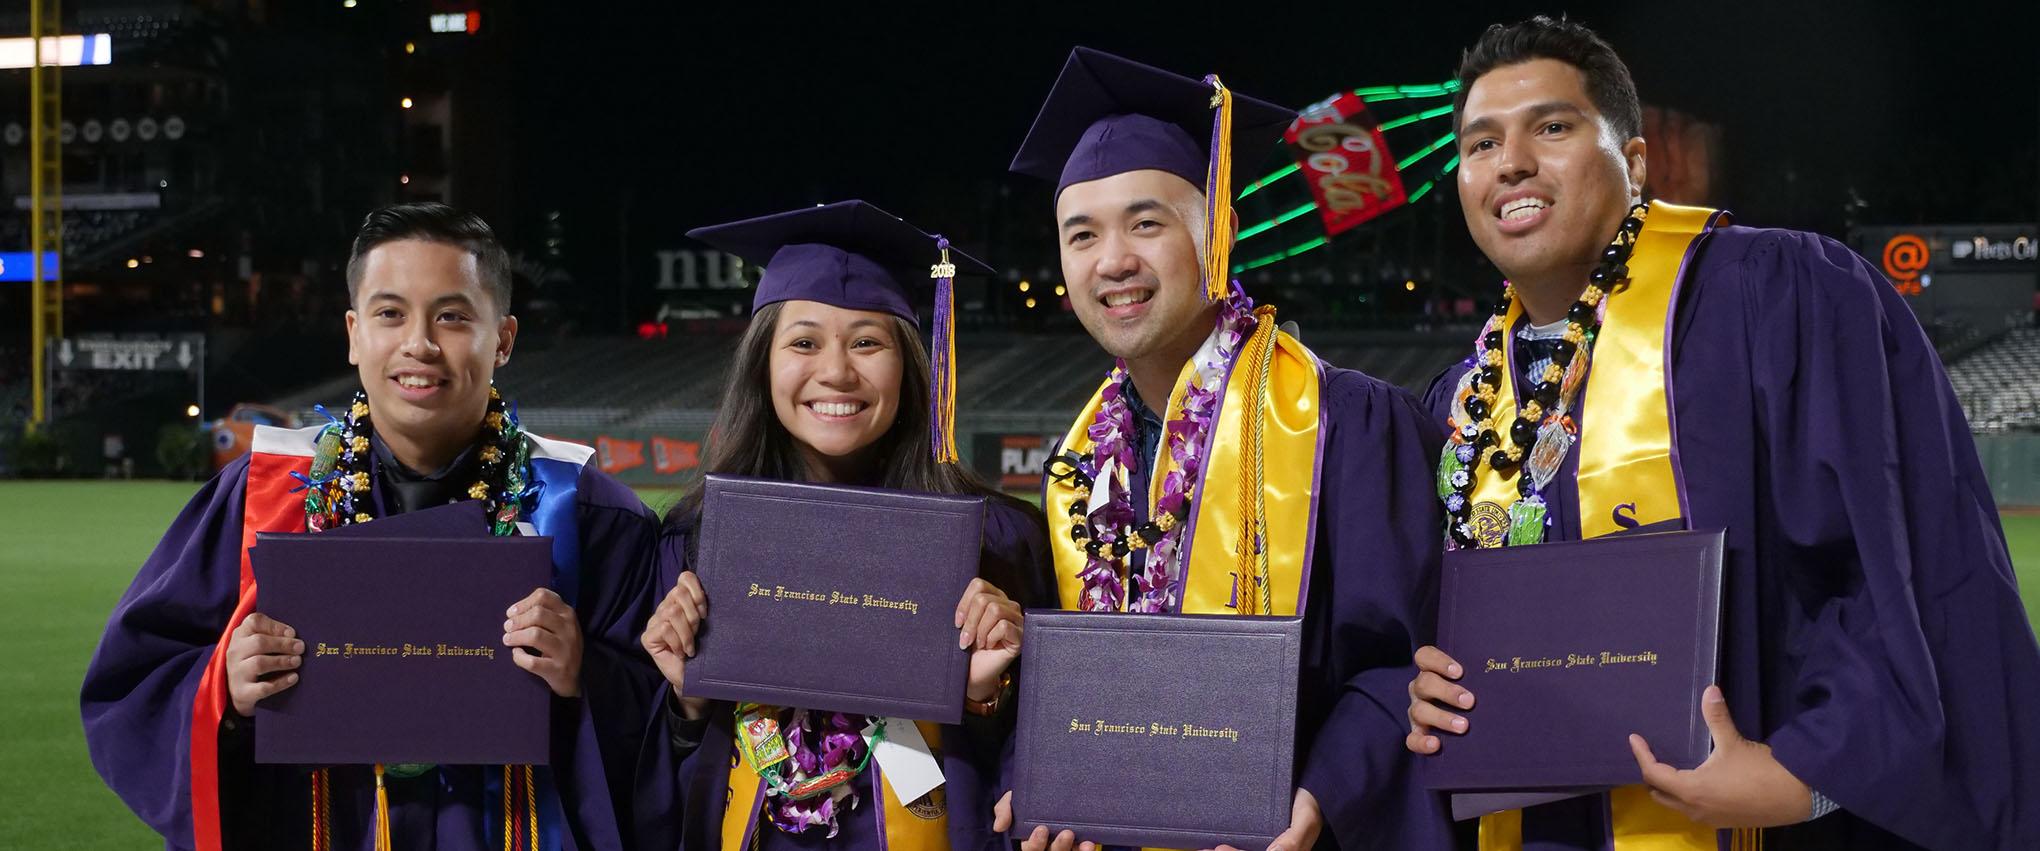 graduates at graduation holding their diplomas